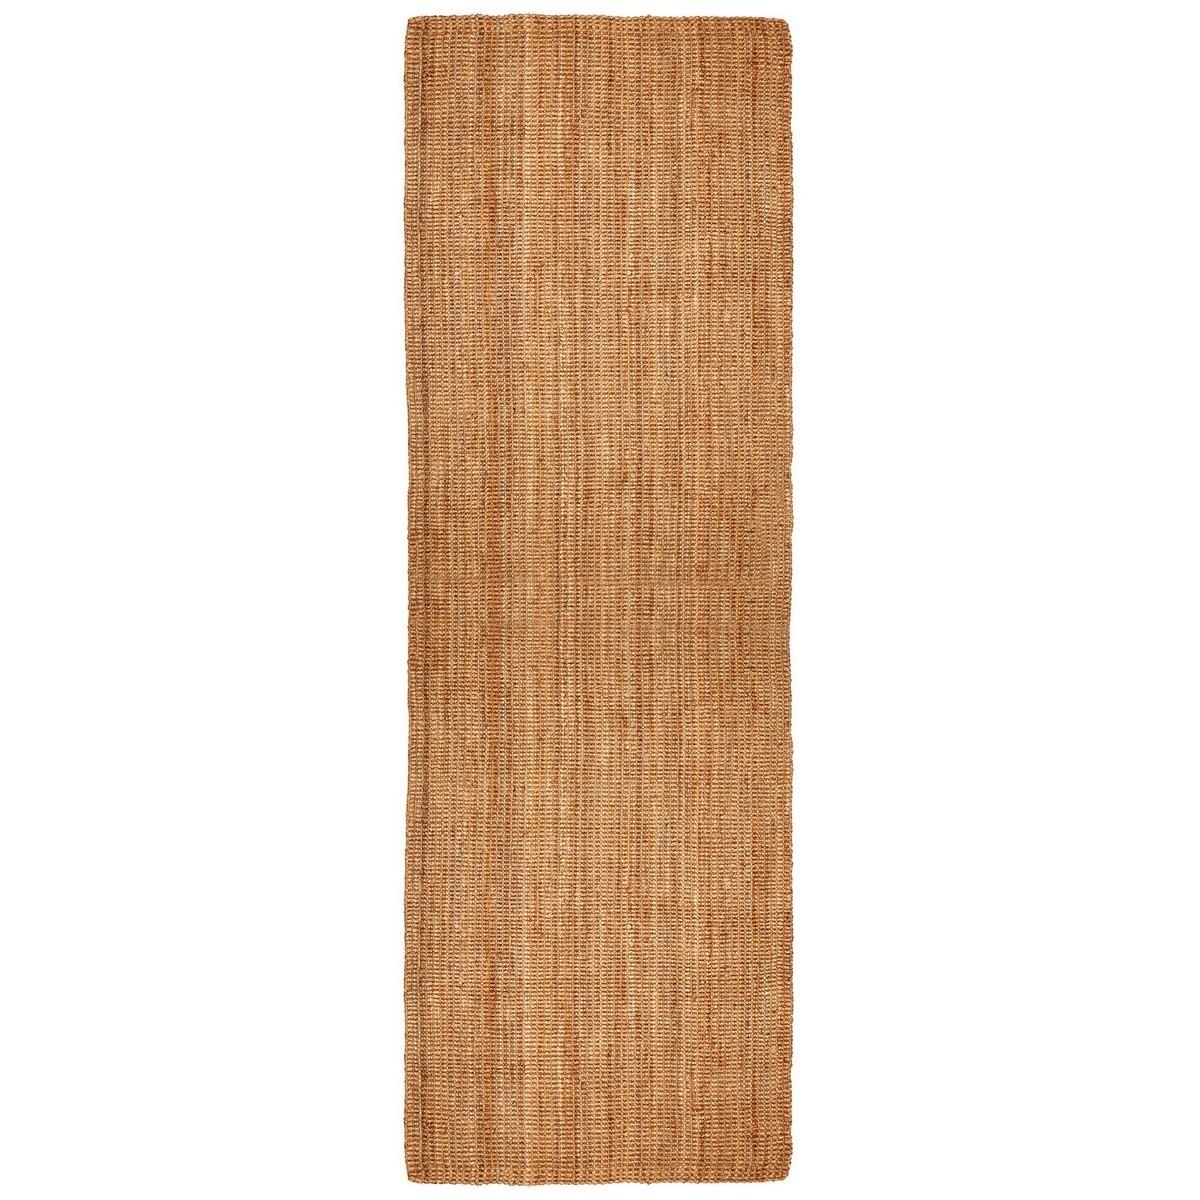 Estate Hand Braided Jute Runner Rug, 75x360cm